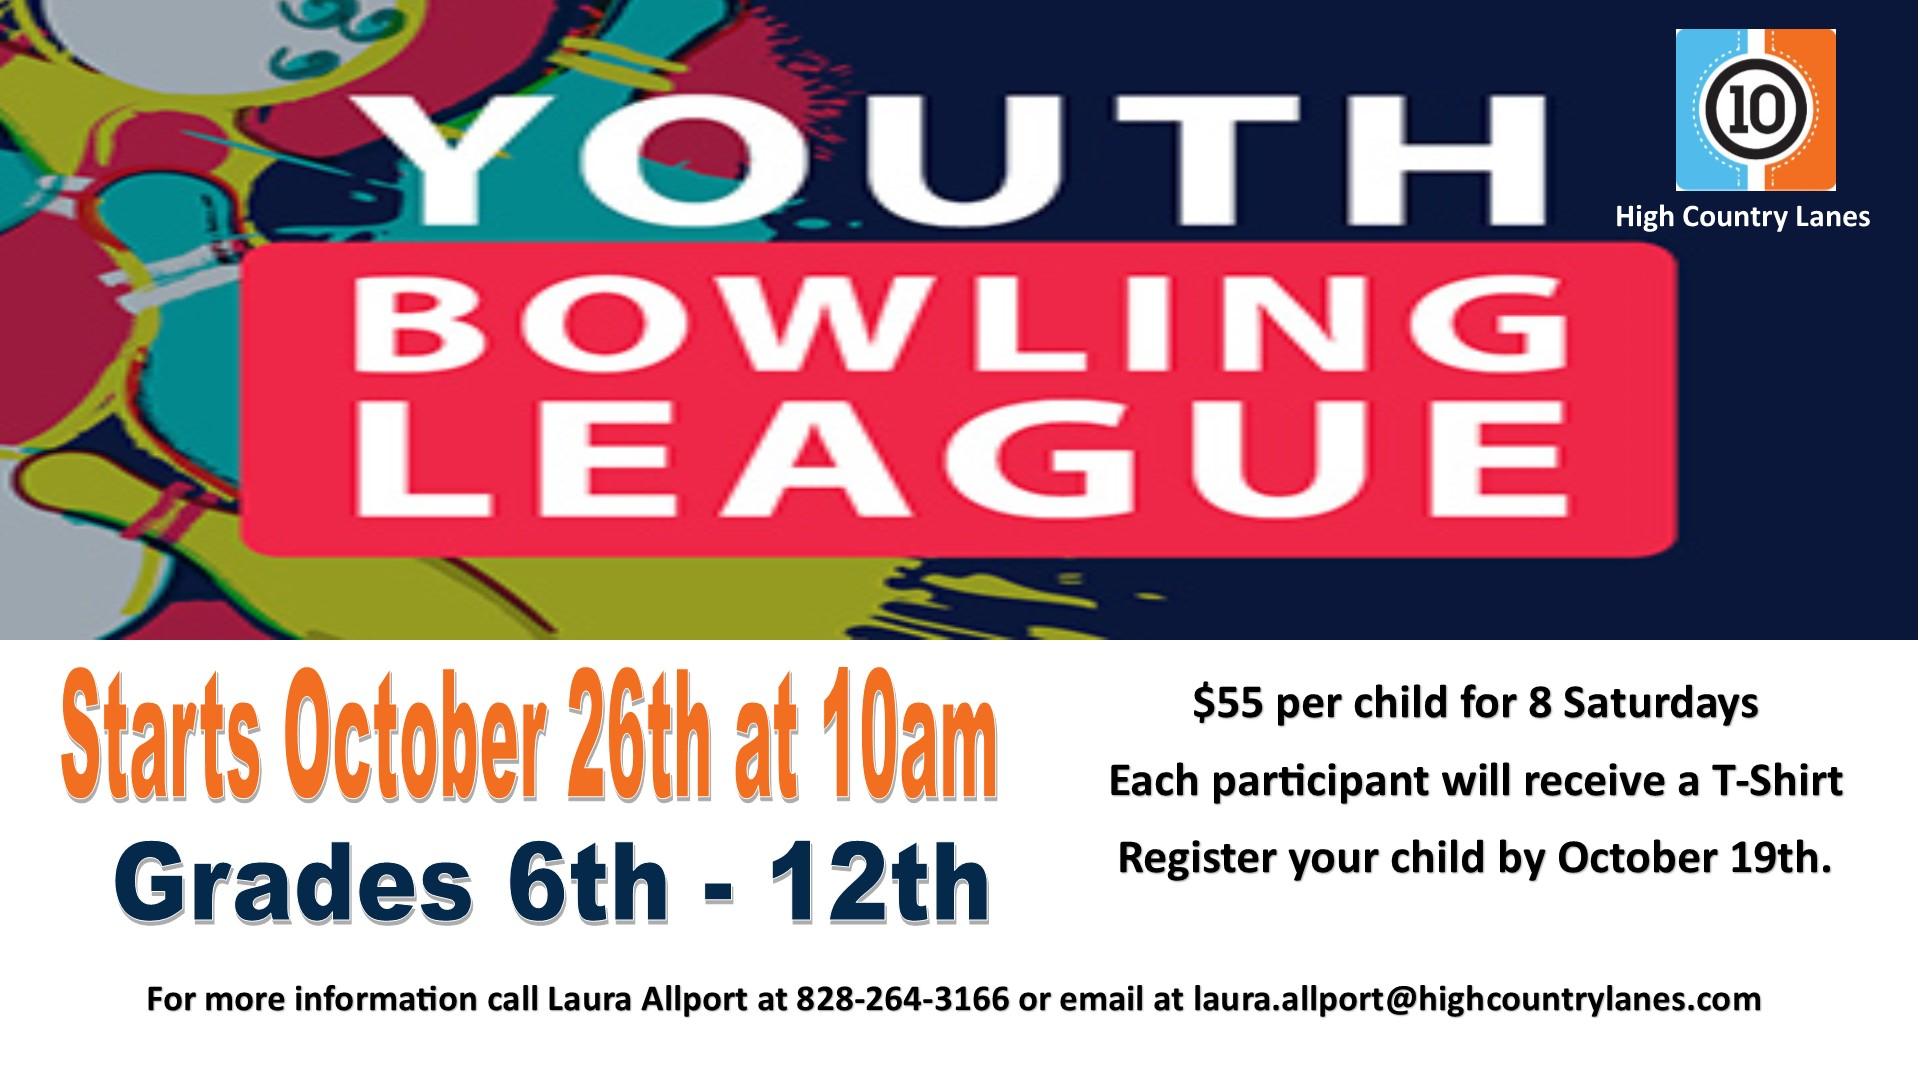 Youth League social media